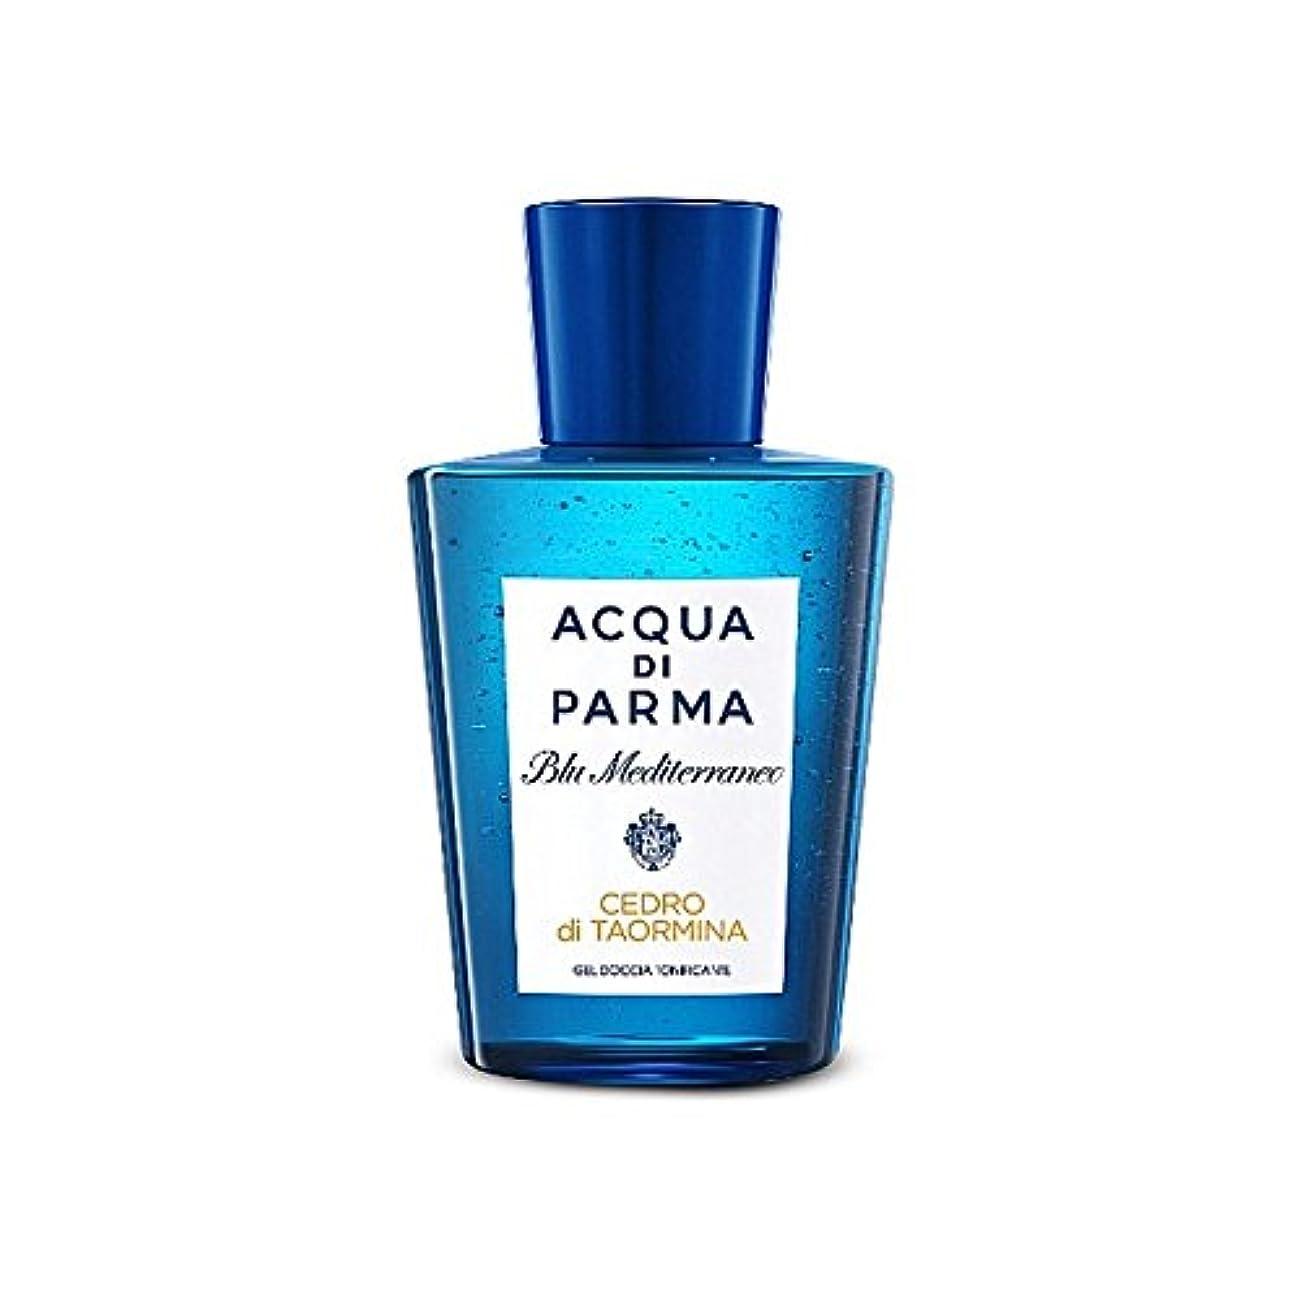 成熟したケージスピンAcqua Di Parma Cedro Di Taormina Shower Gel 200ml - アクアディパルマディミーナシャワージェル200 [並行輸入品]